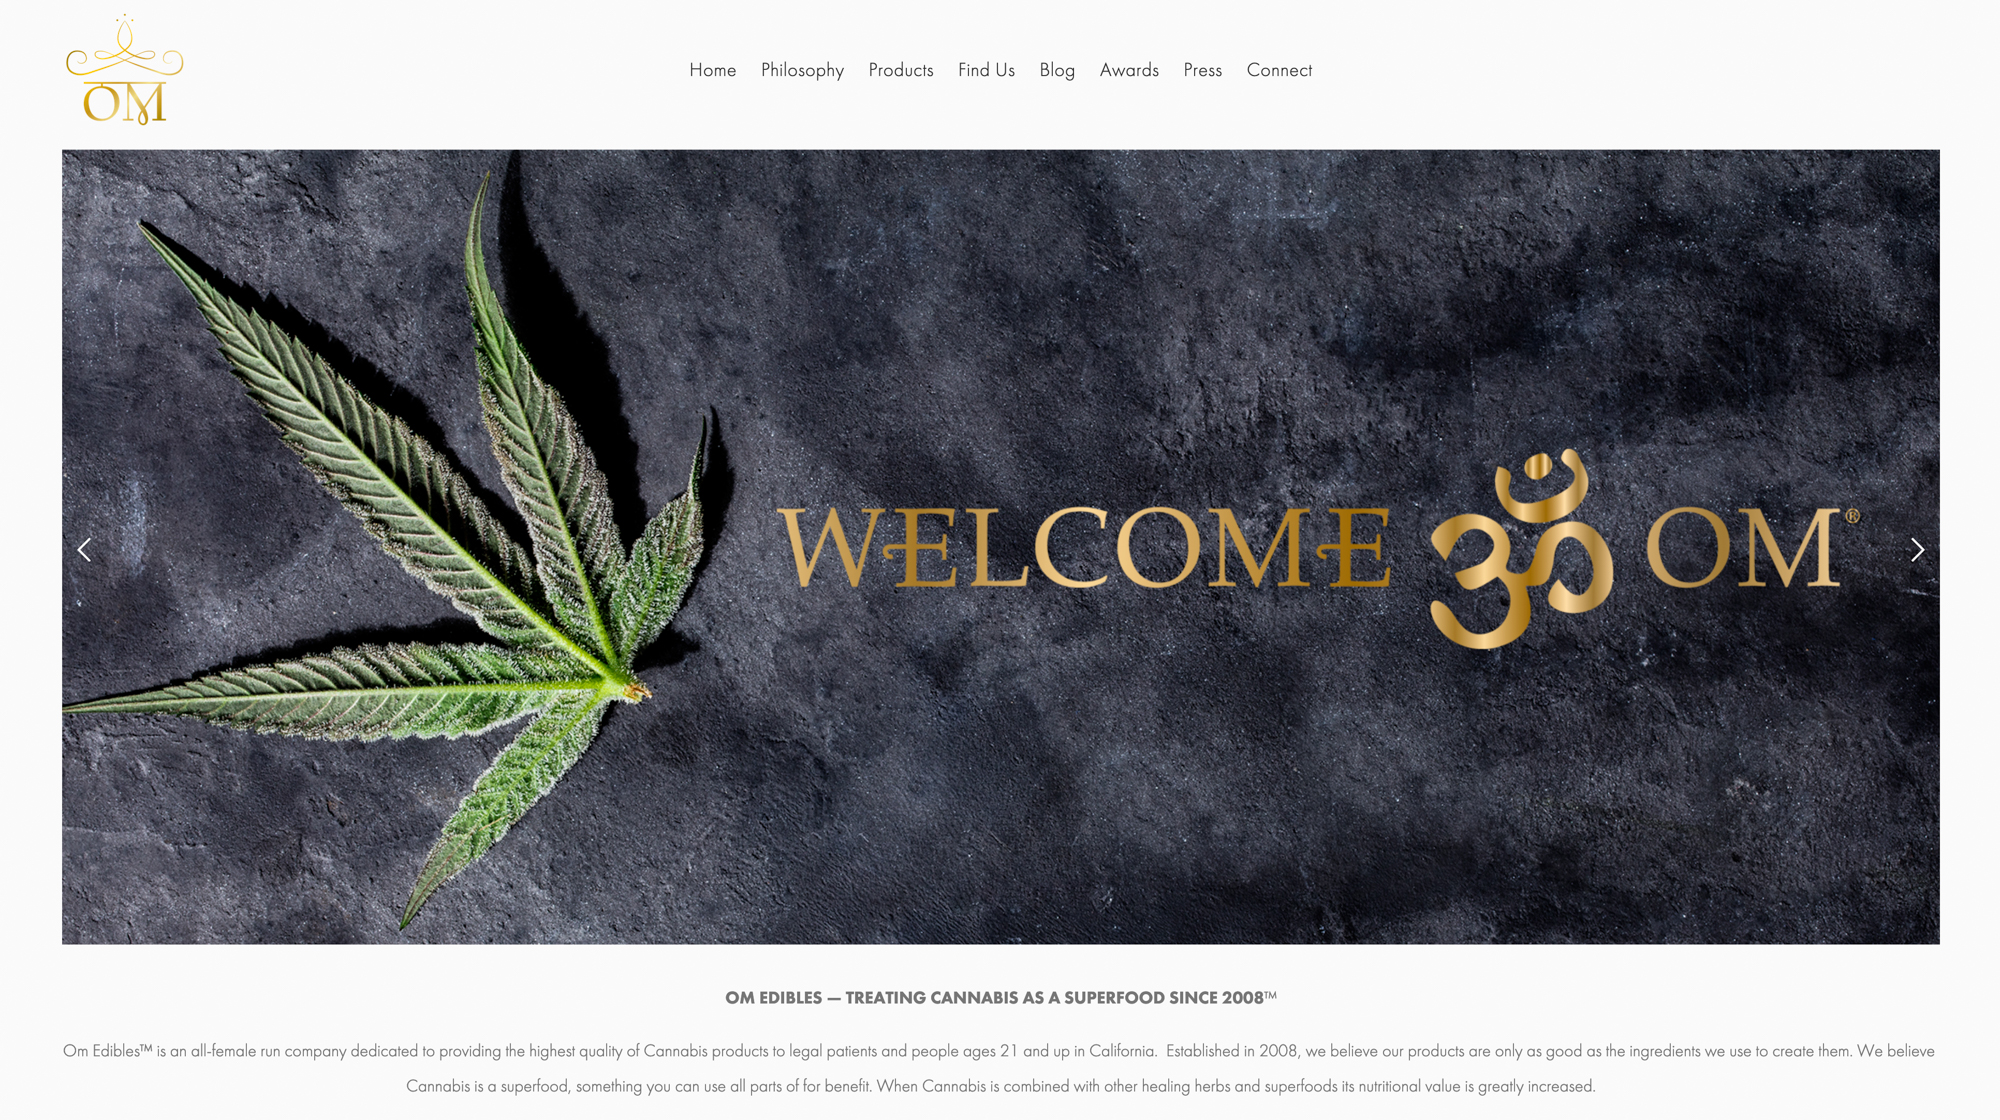 erinscottphotography_Omedibles_cannabis-.jpg